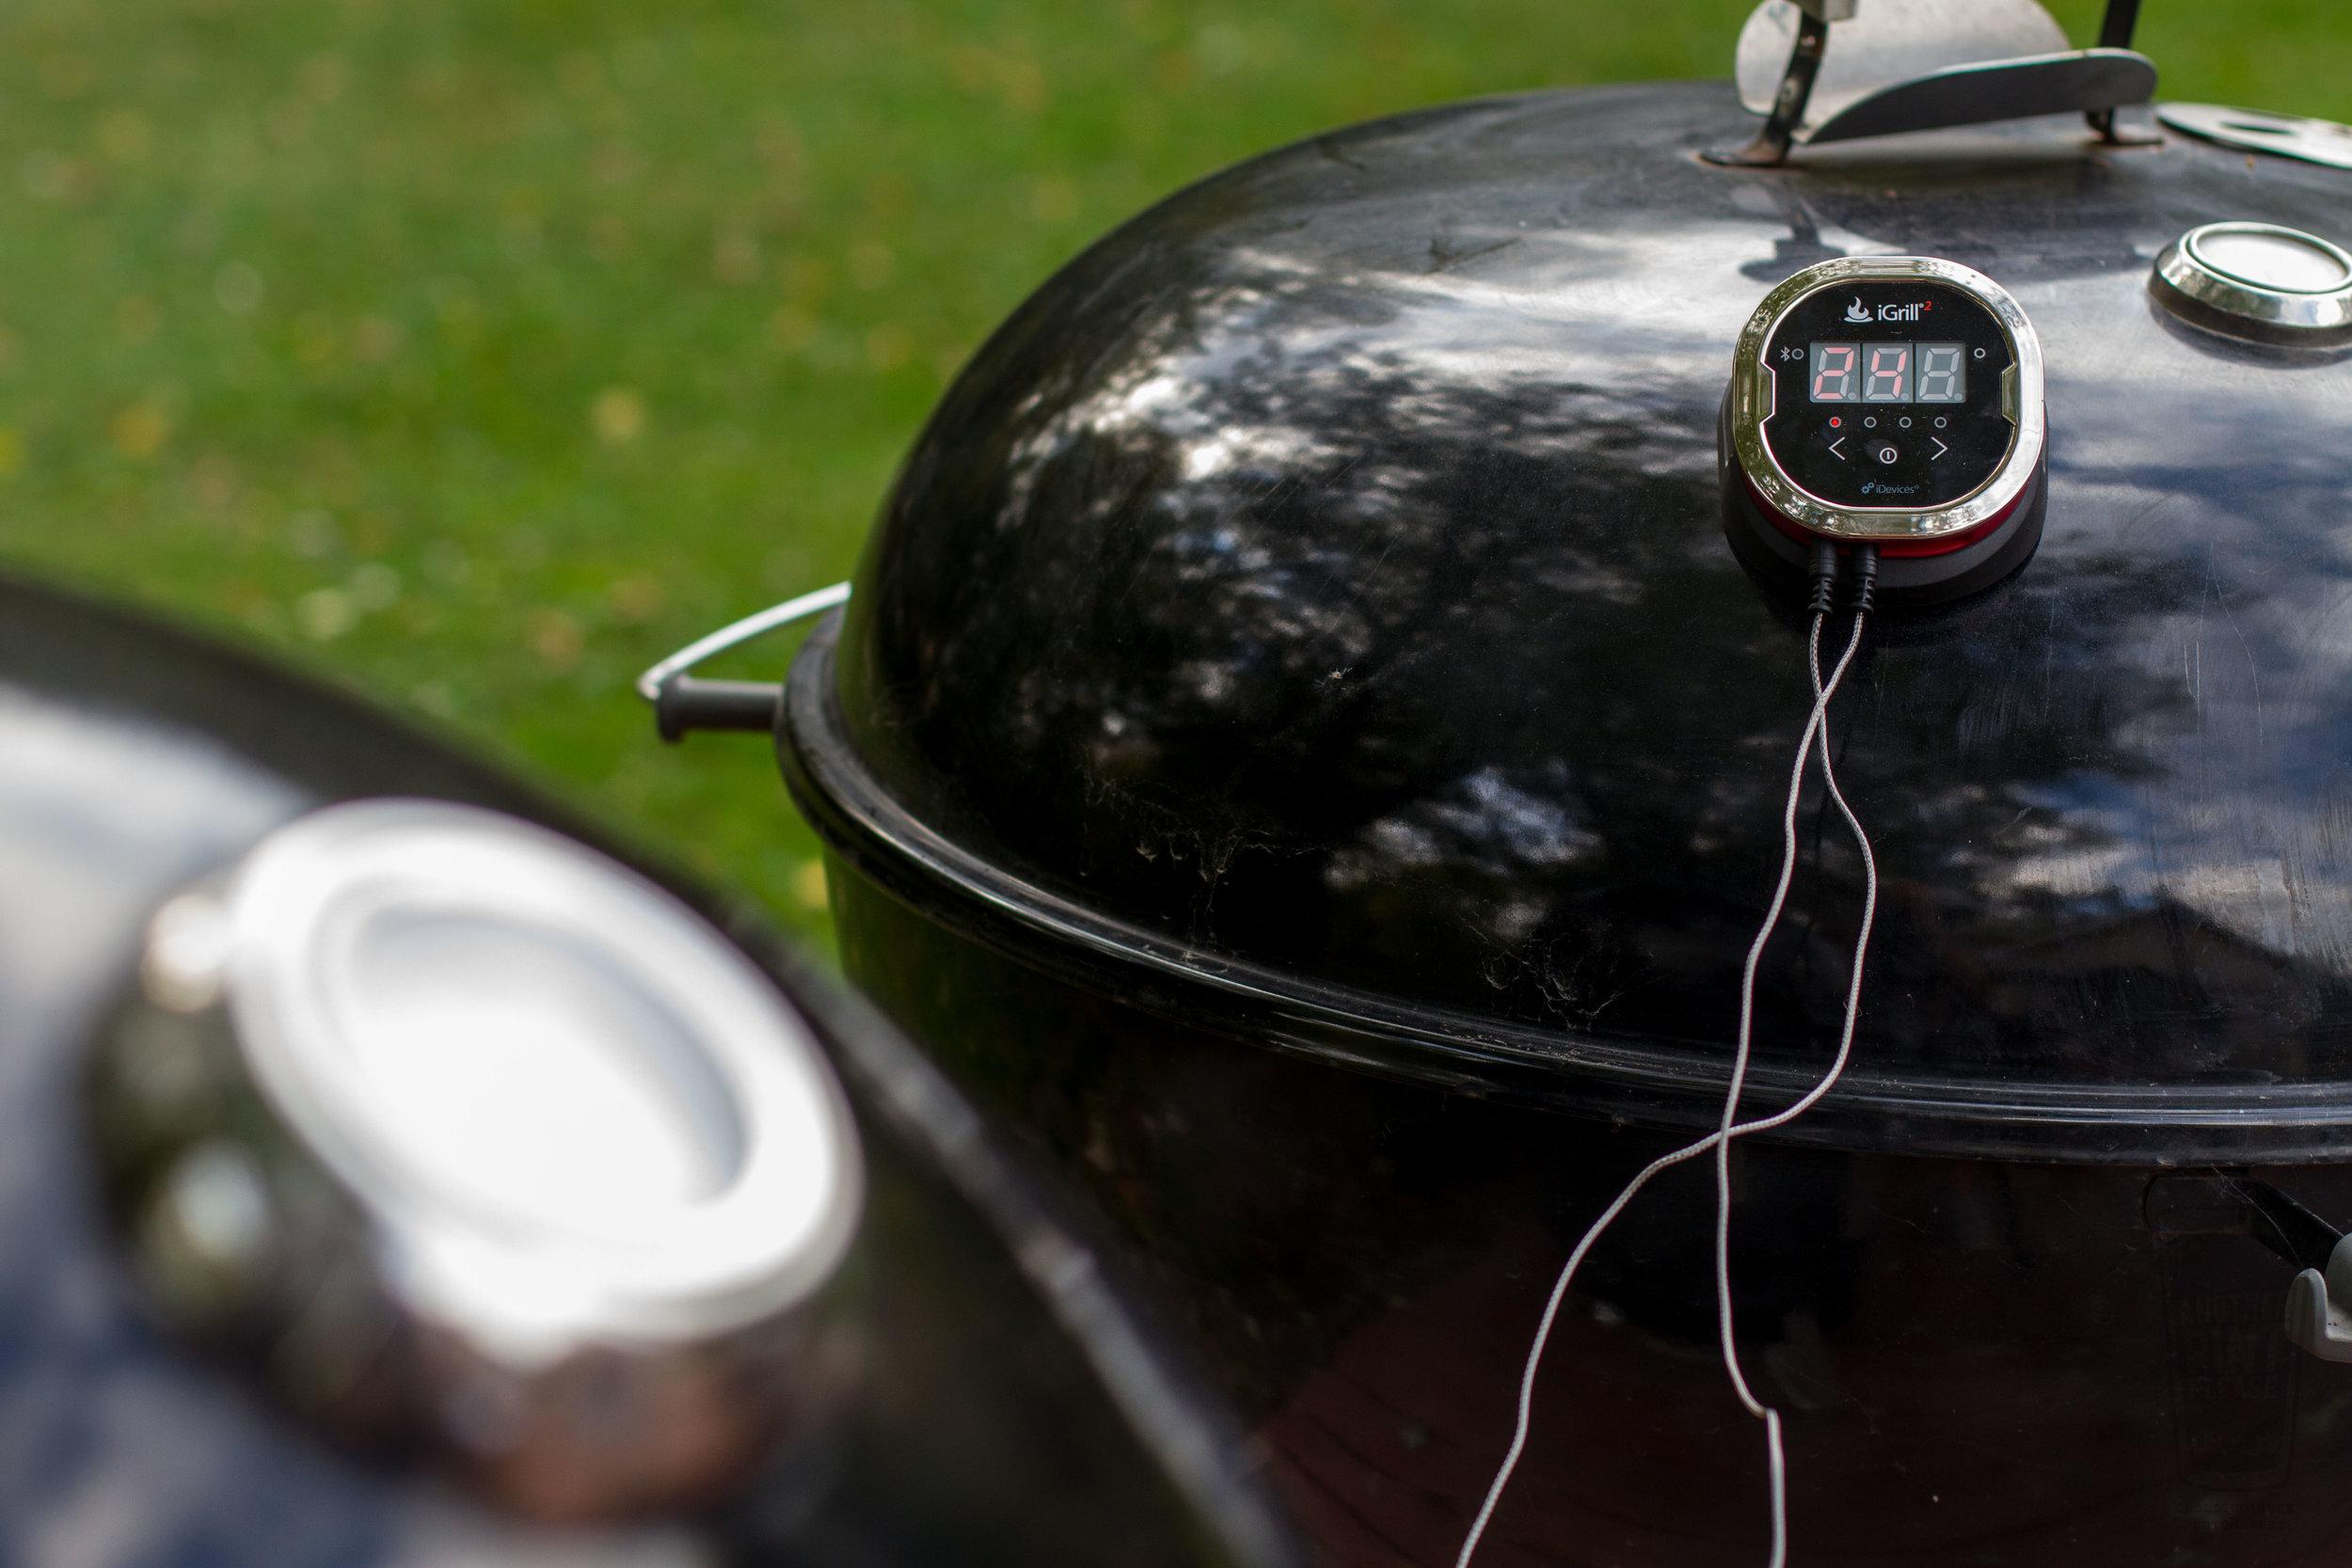 igrill2 on weber kettle.jpg